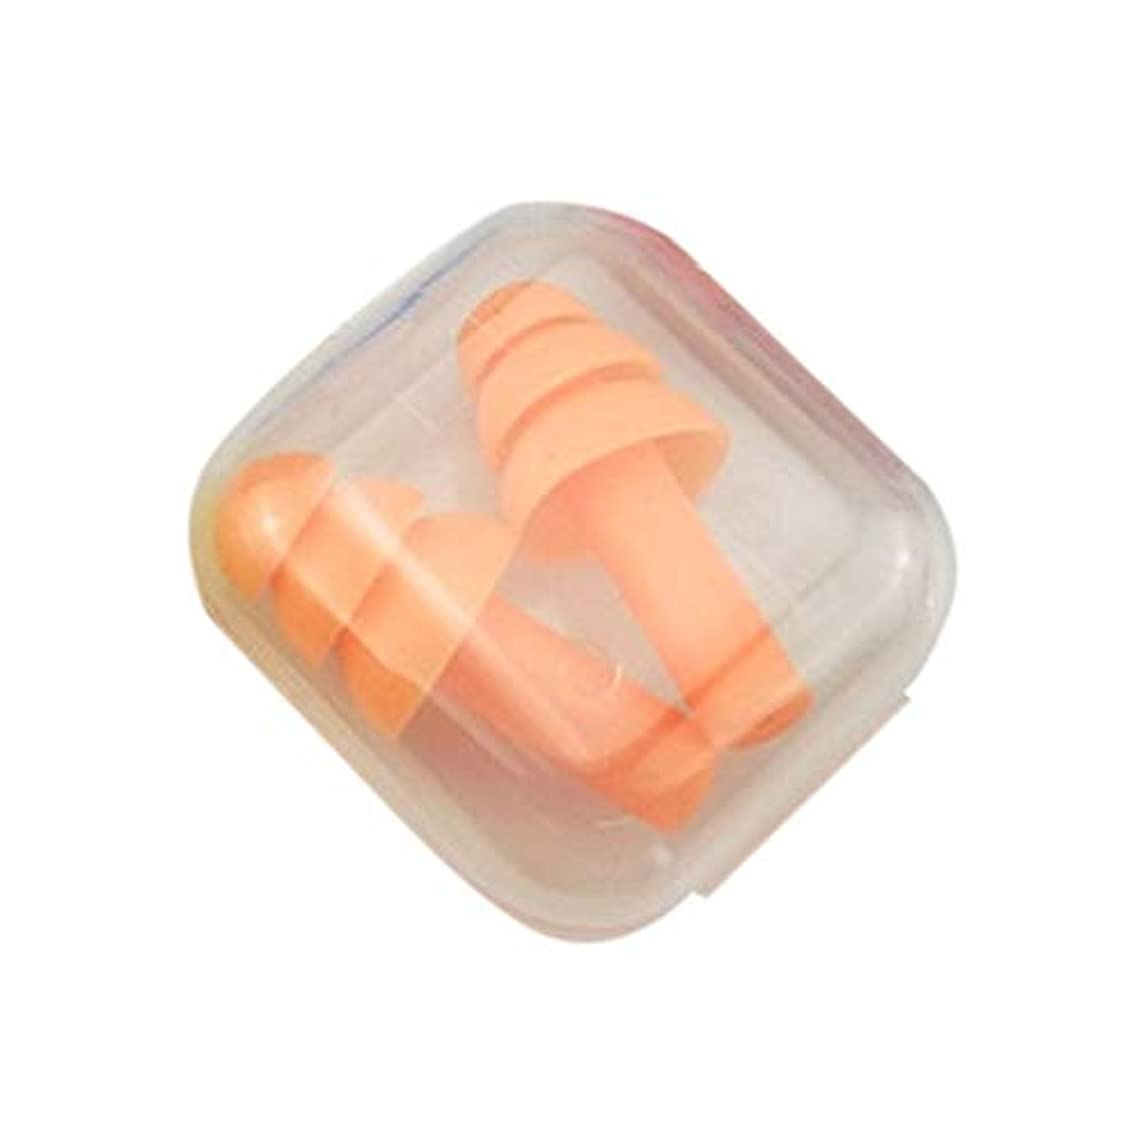 トランペット着替えるアトミック柔らかいシリコーンの耳栓遮音用耳の保護用の耳栓防音睡眠ボックス付き収納ボックス - オレンジ